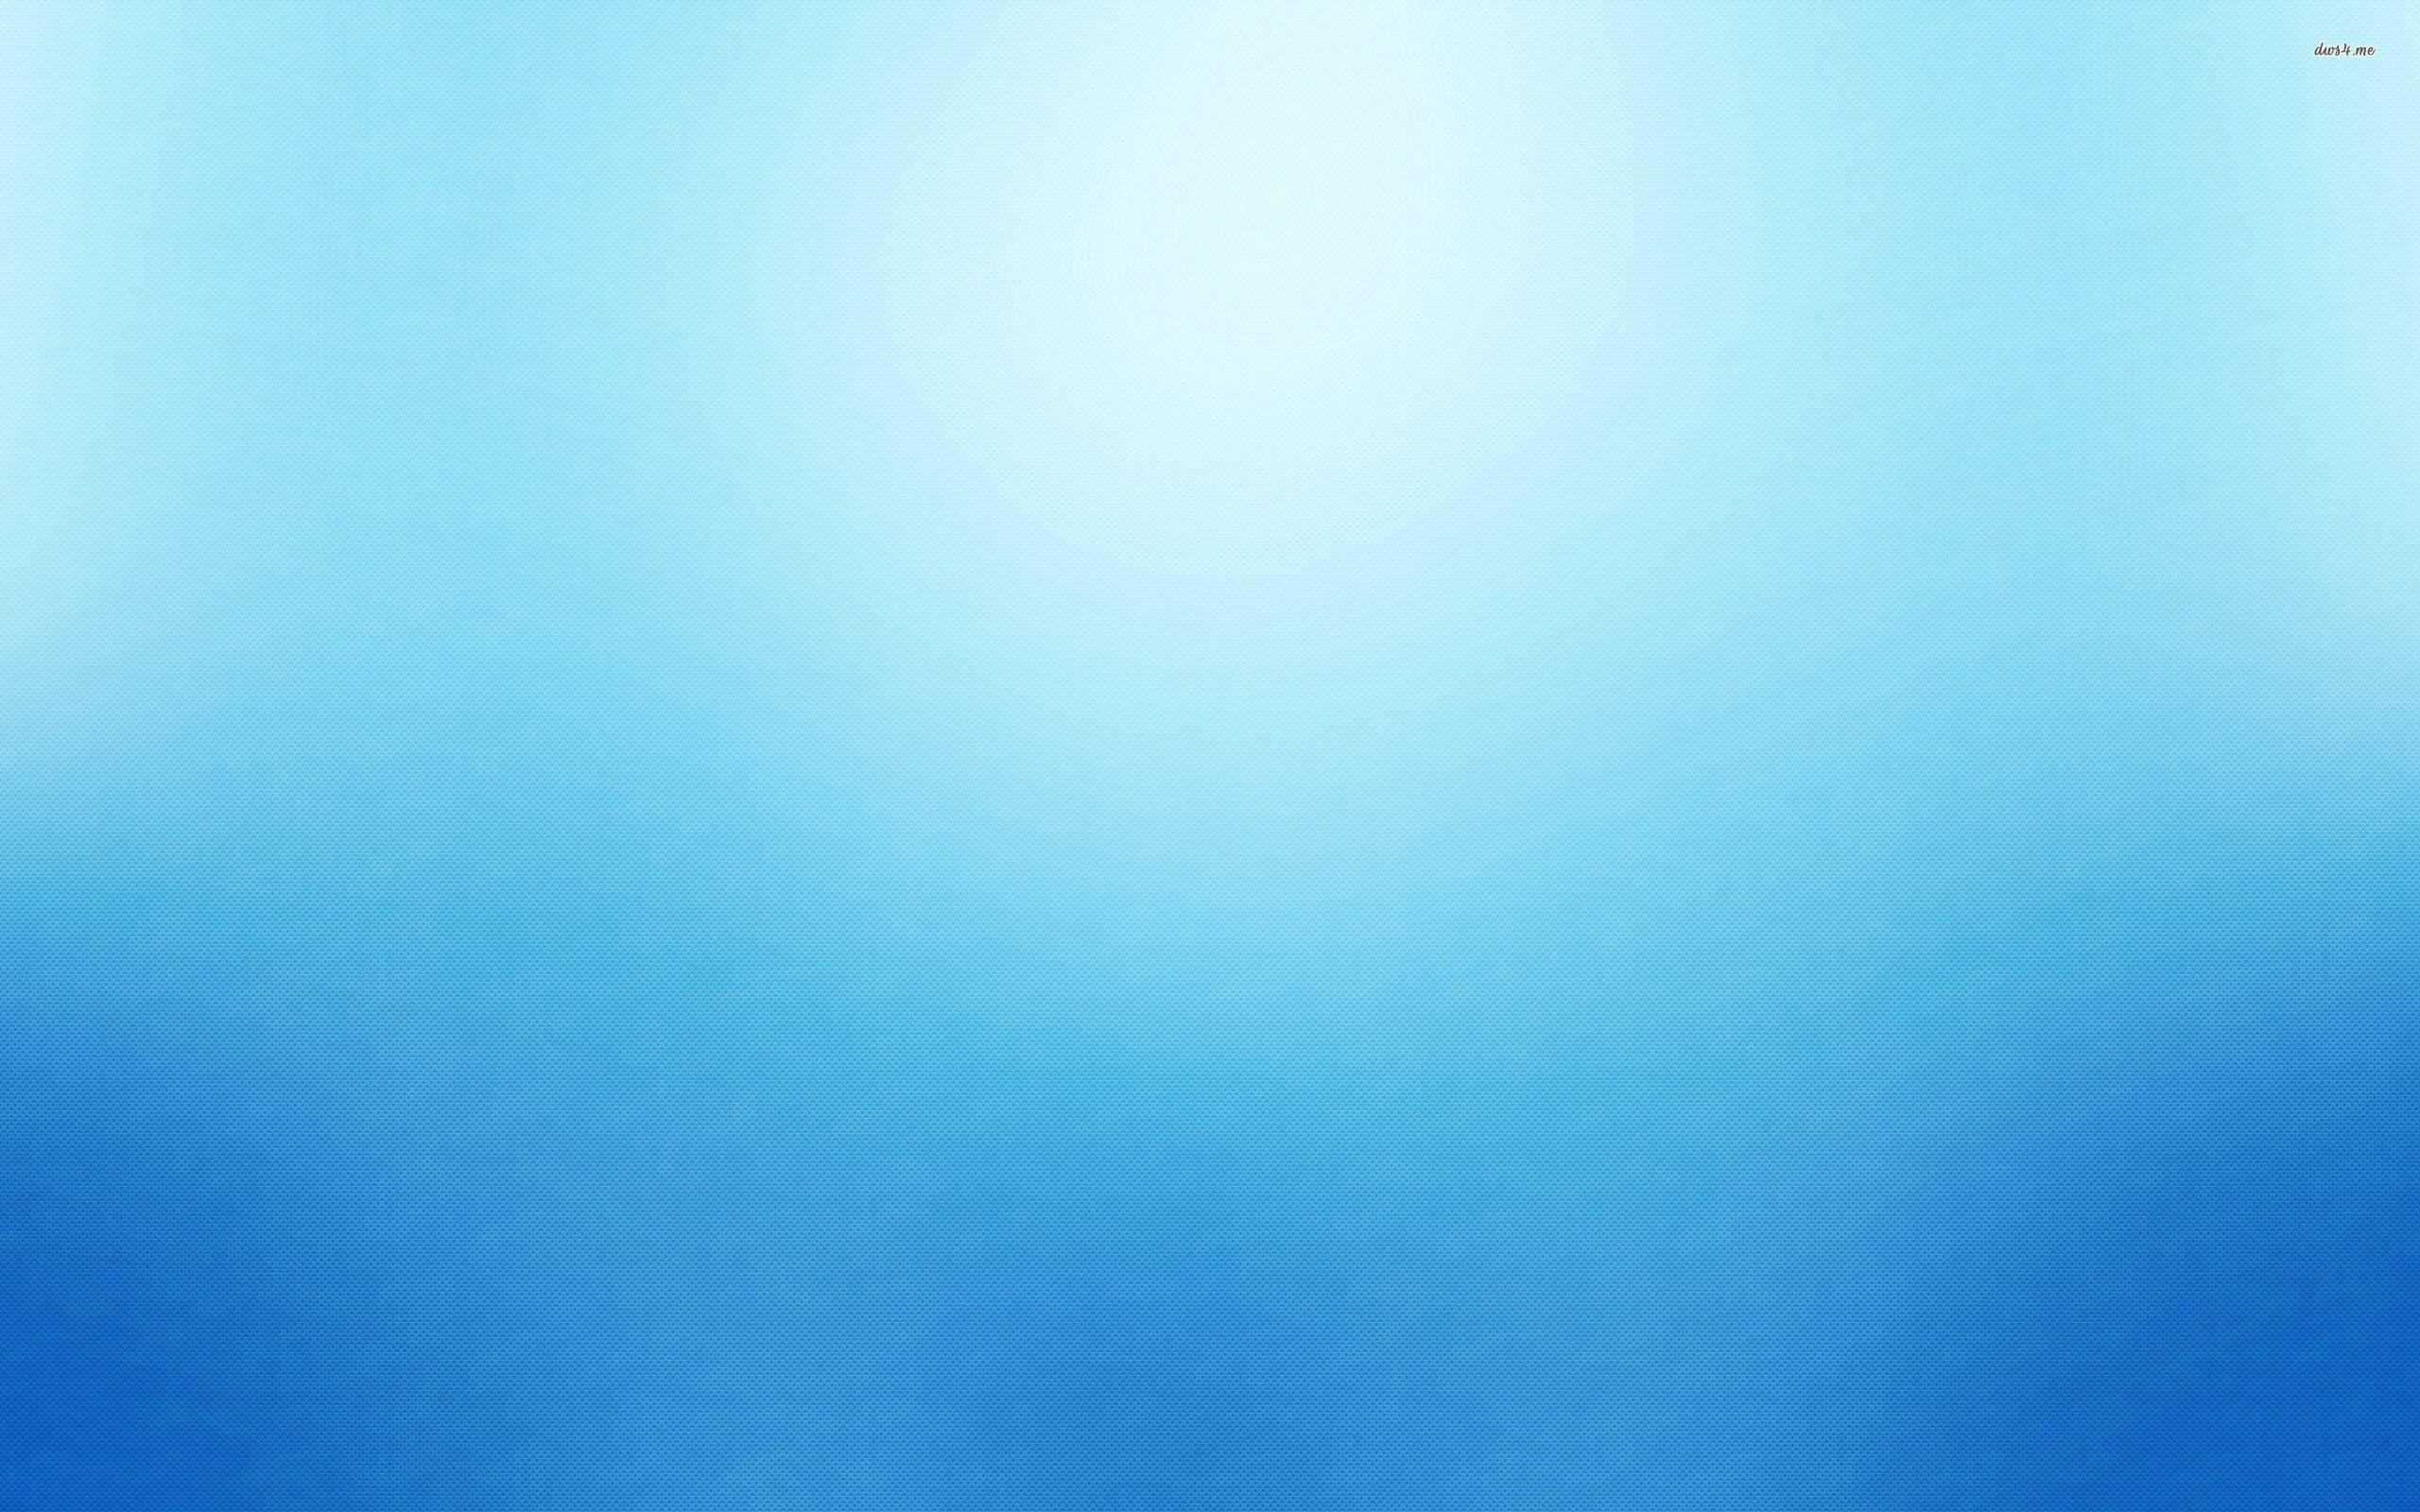 Download 990 Koleksi Background Blue Hd Free Gratis Terbaik